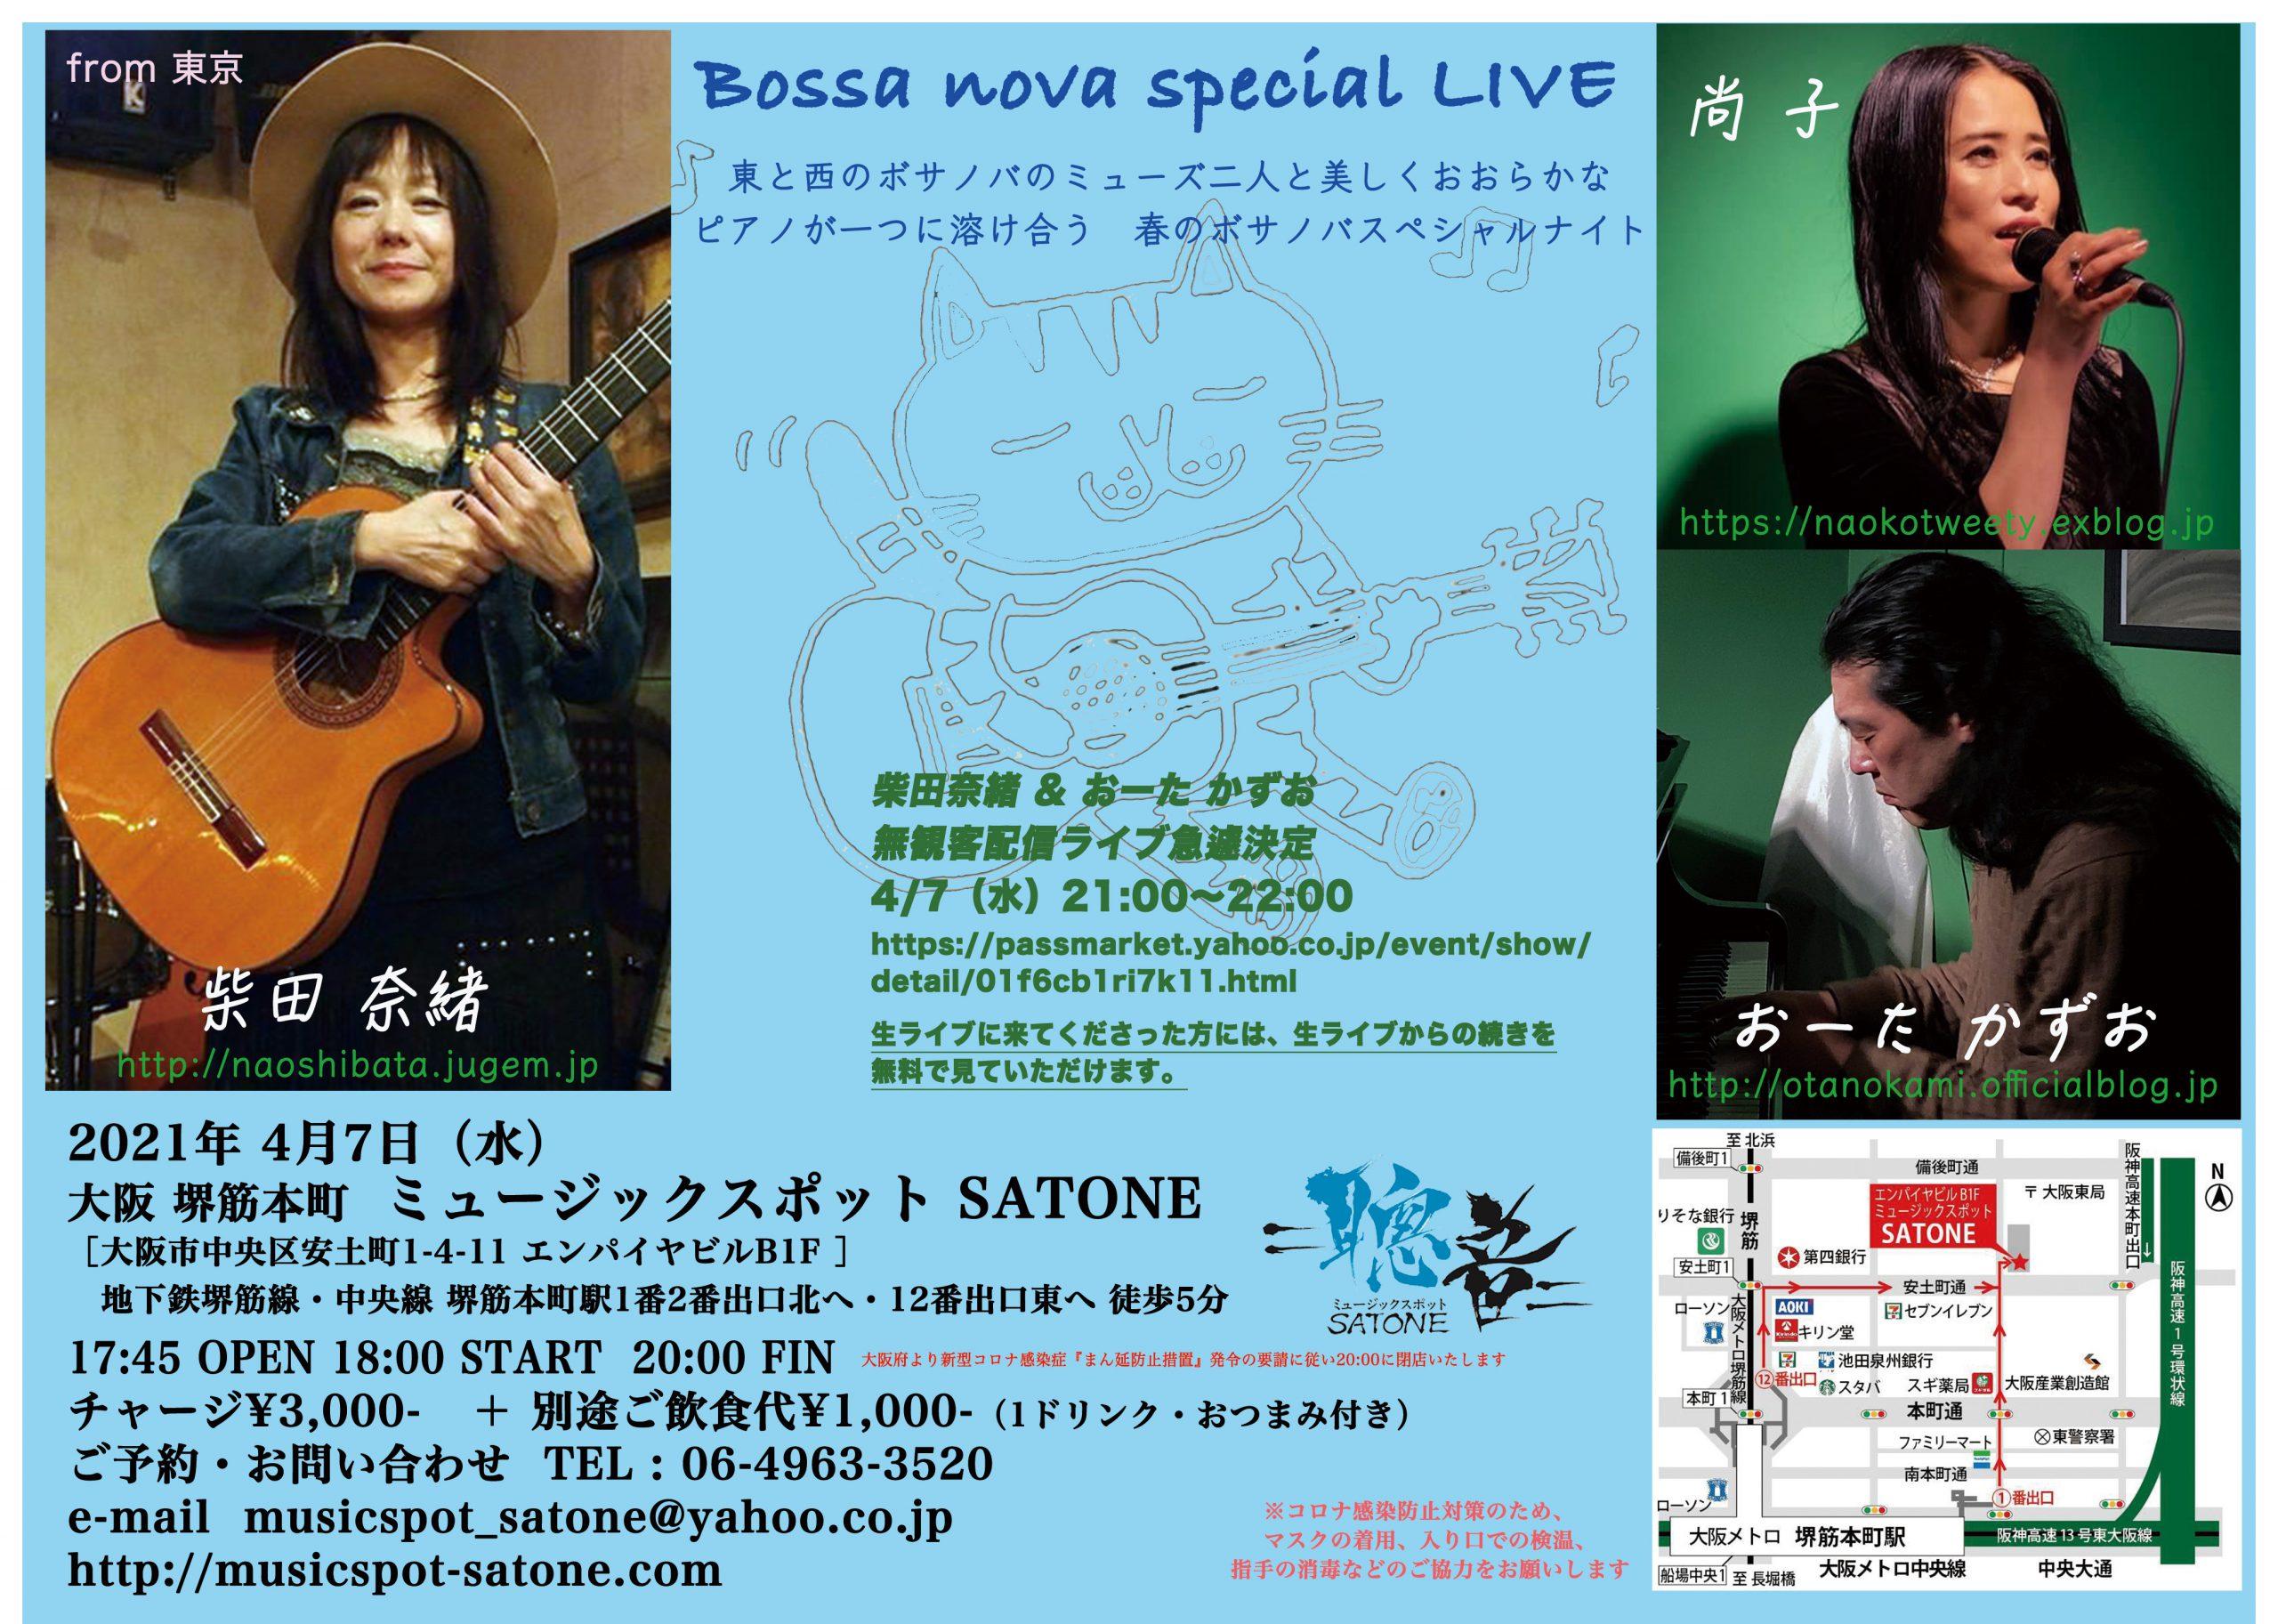 pick up  4/7(水)「Bossa nova special 春 LIVE」柴田 奈緒  尚 子  おーた かずお[ライブ終了後 無観客配信ライブあり]